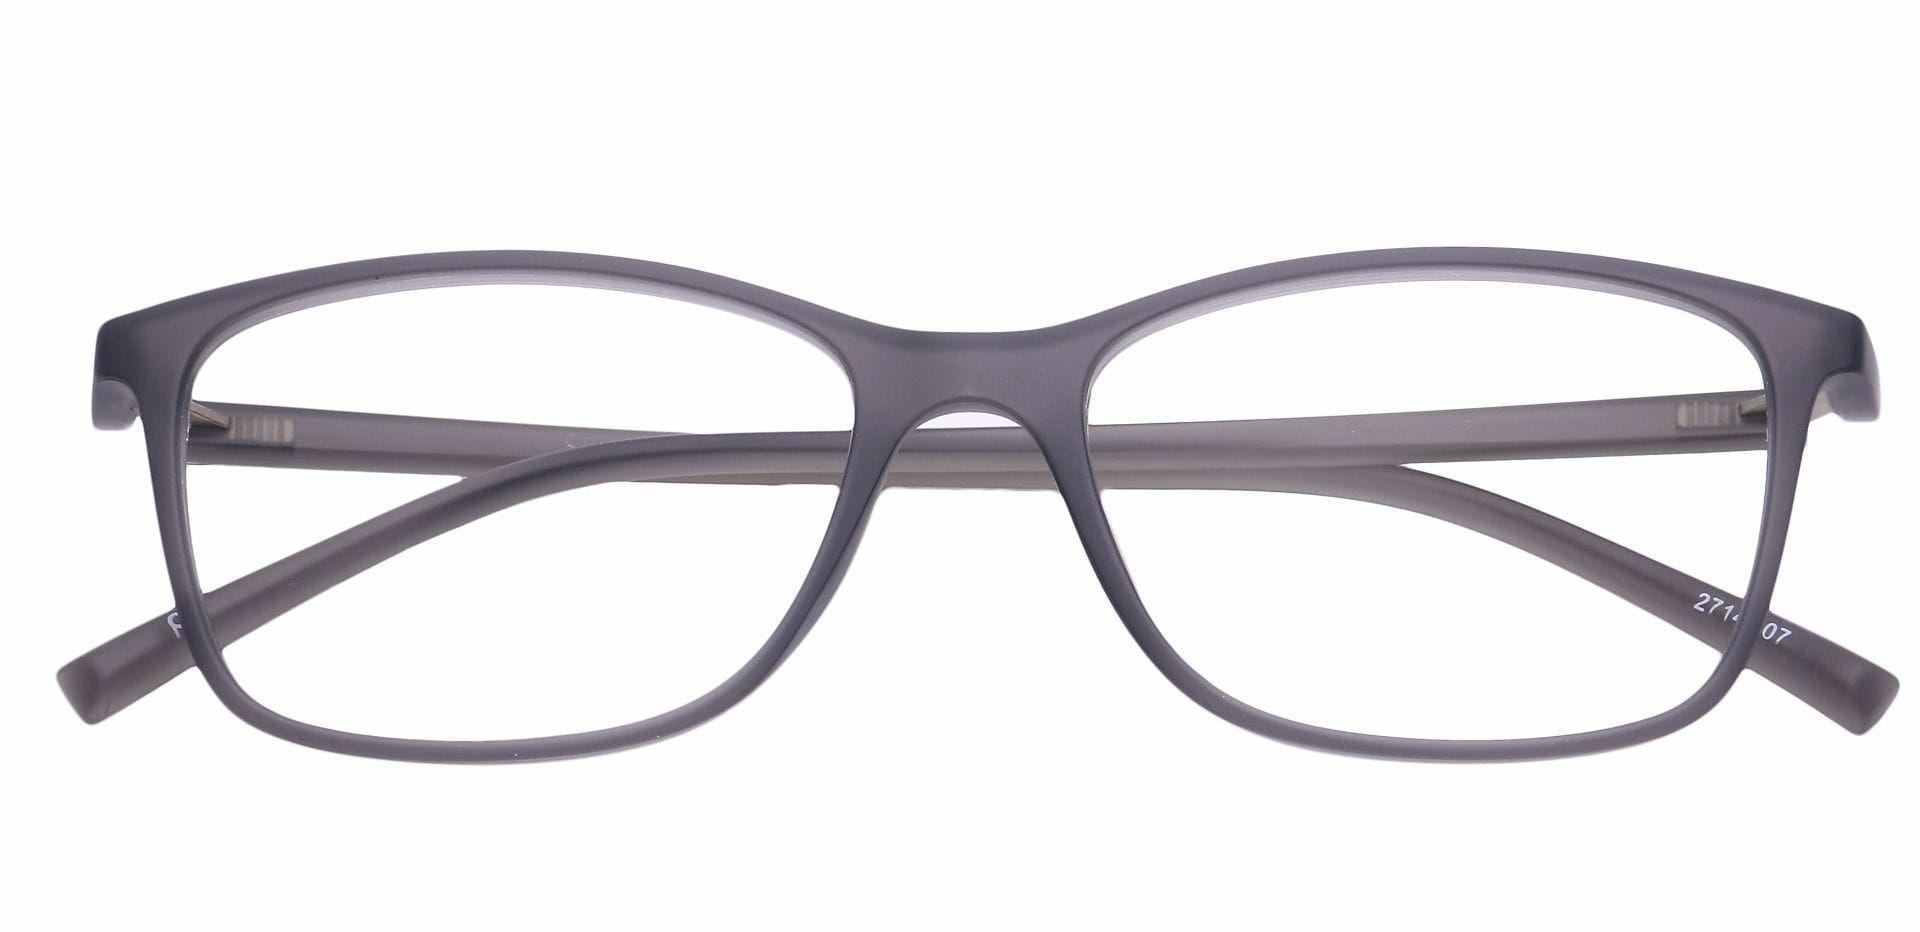 Adorn Rectangle Eyeglasses Frame - Gray